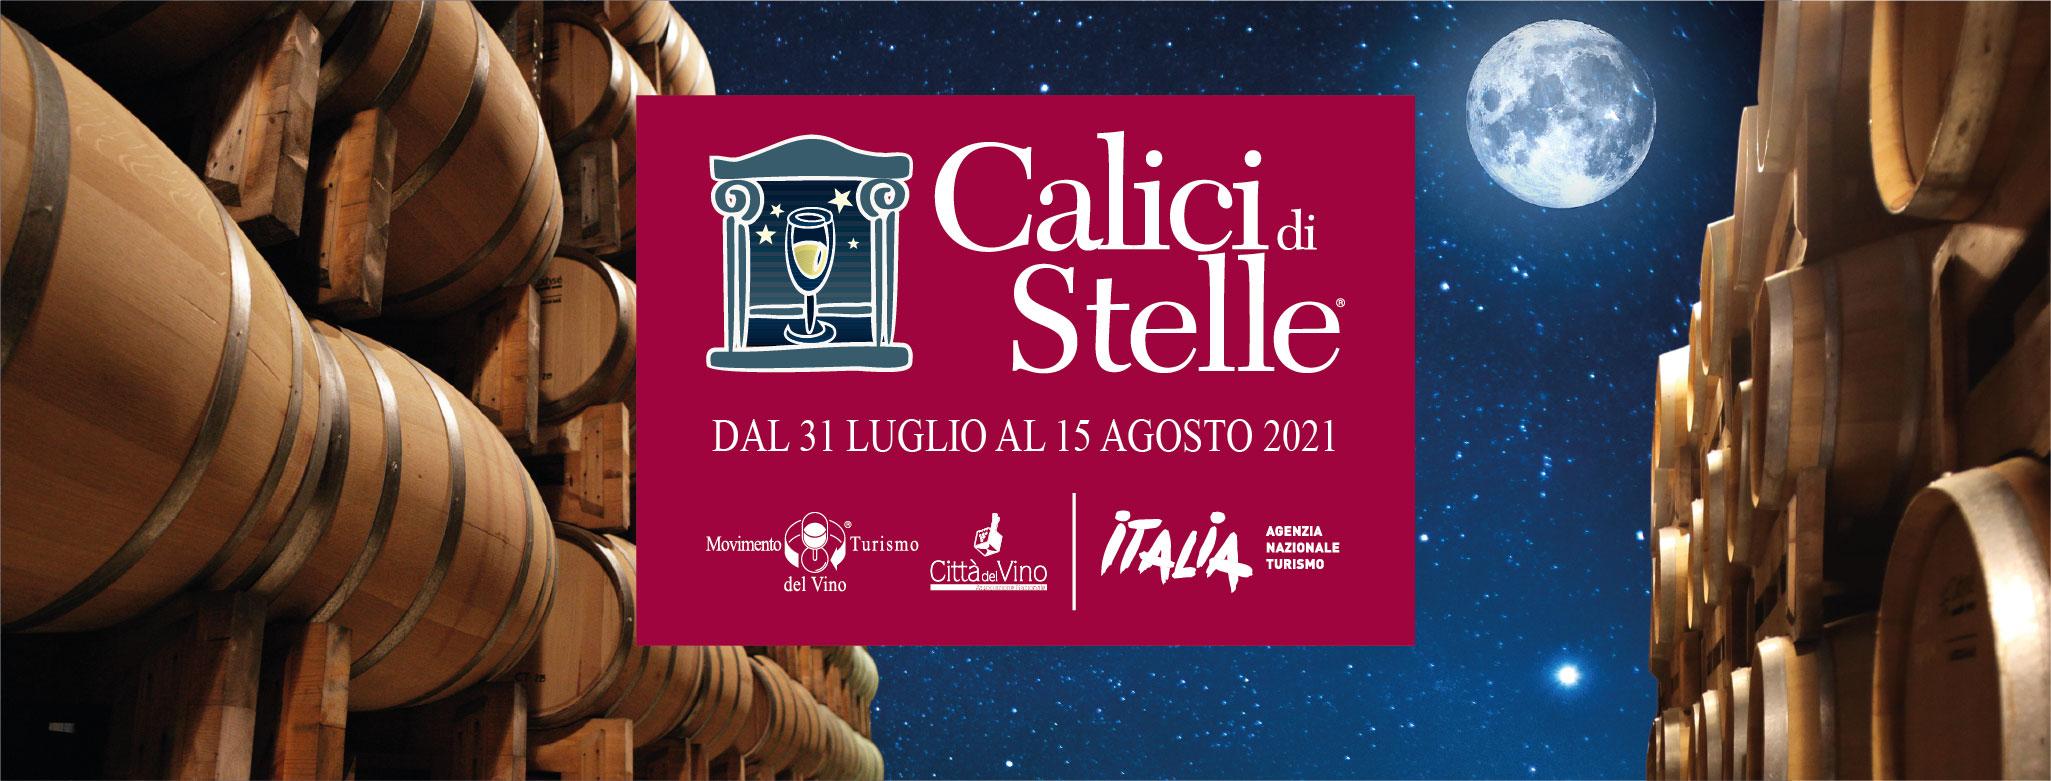 Calici di Stelle 2021 nelle Città del Vino dell'Emilia Romagna